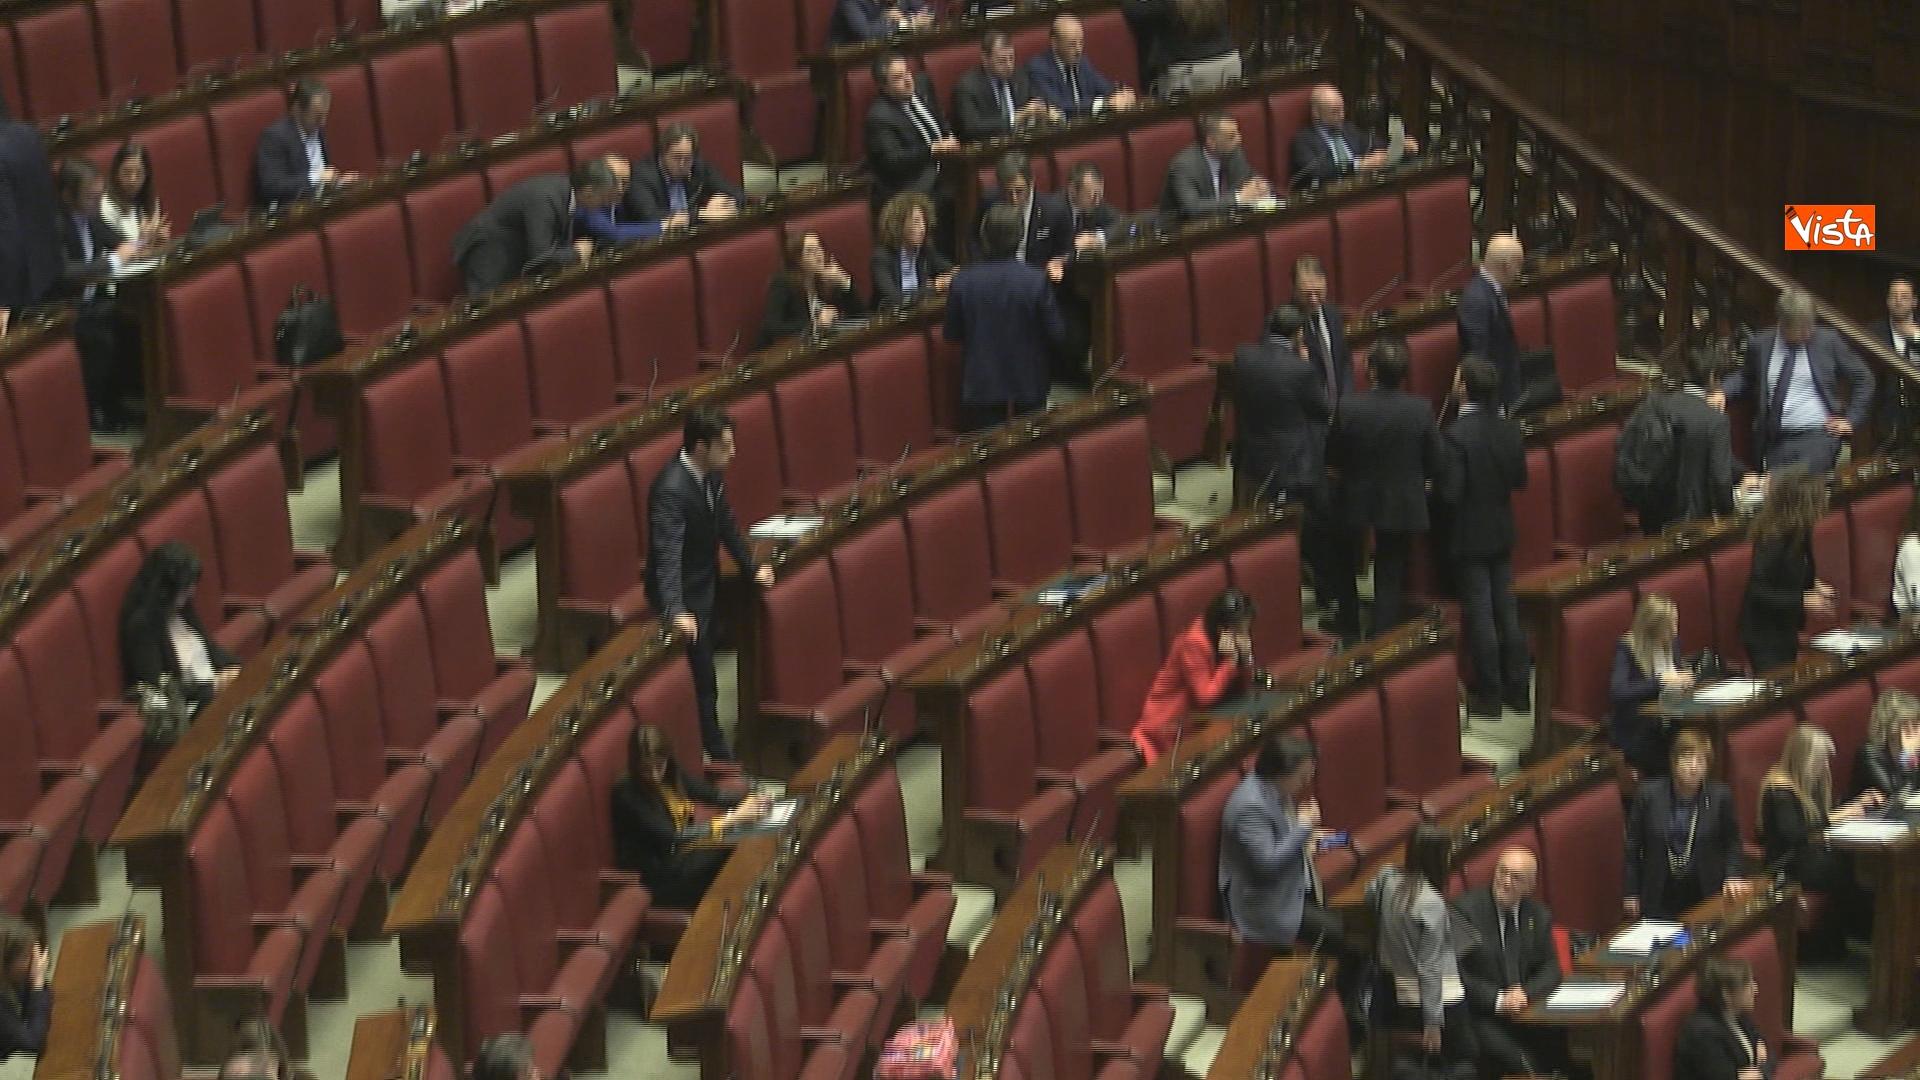 19-03-19 Conte riferisce in Aula Camera su Consiglio Ue e Via della seta immagini_05